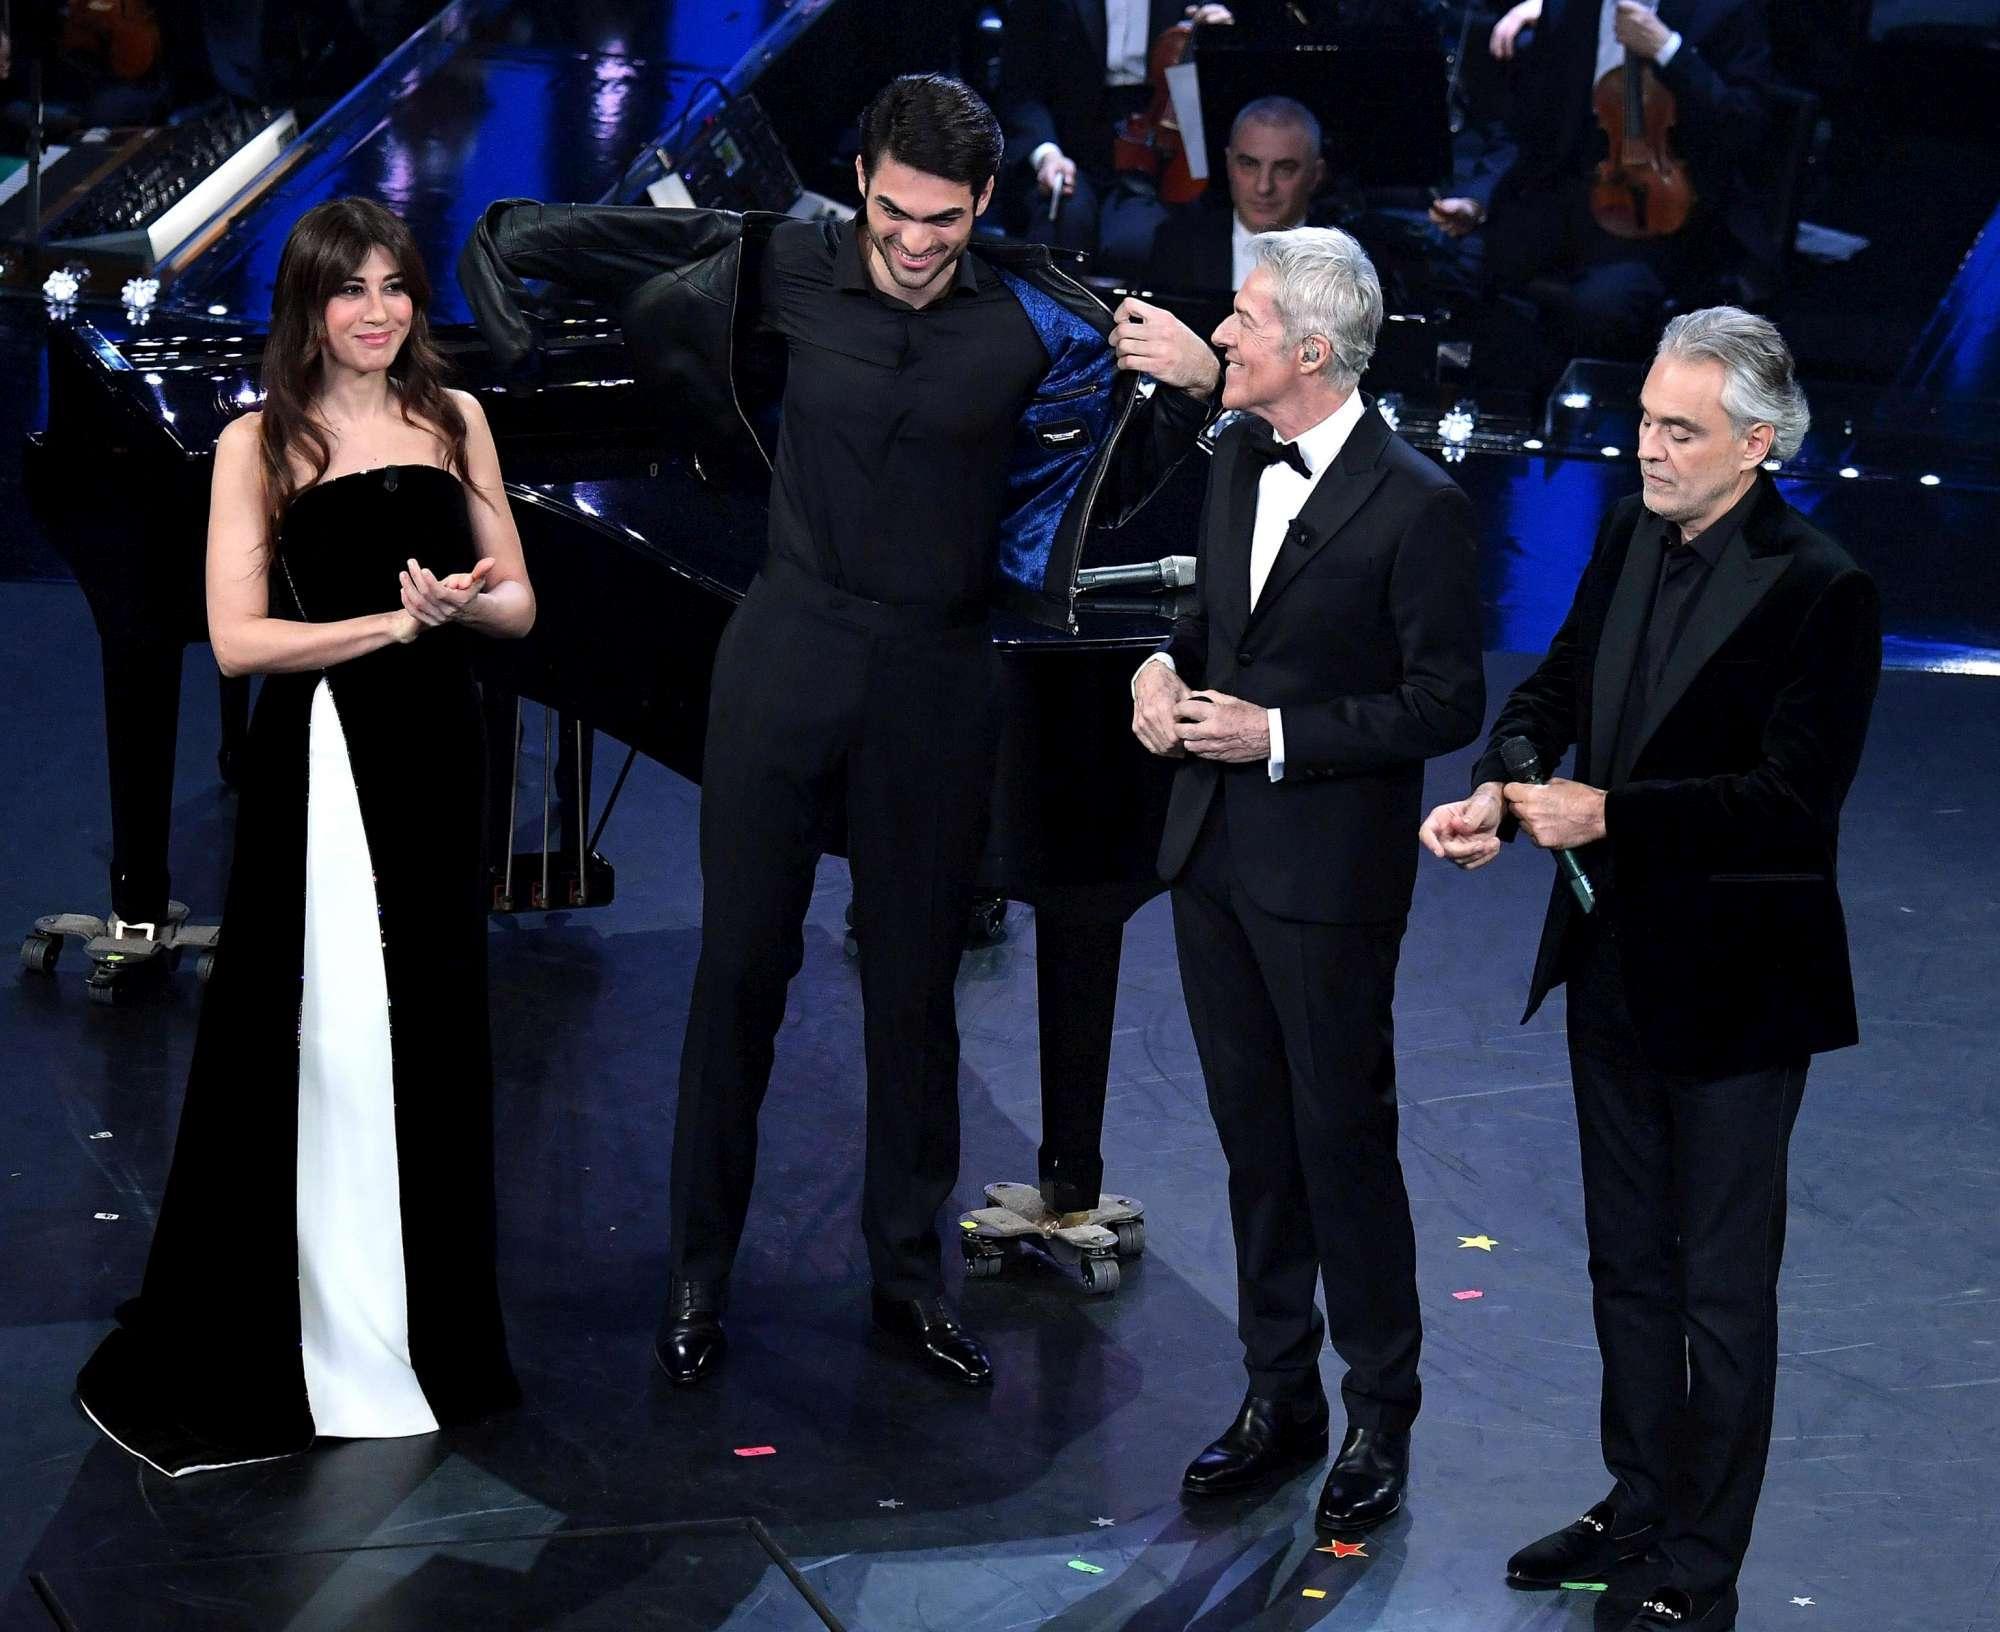 Sanremo 2019, da Ligabue a Rovazzi: i momenti più belli del Festival